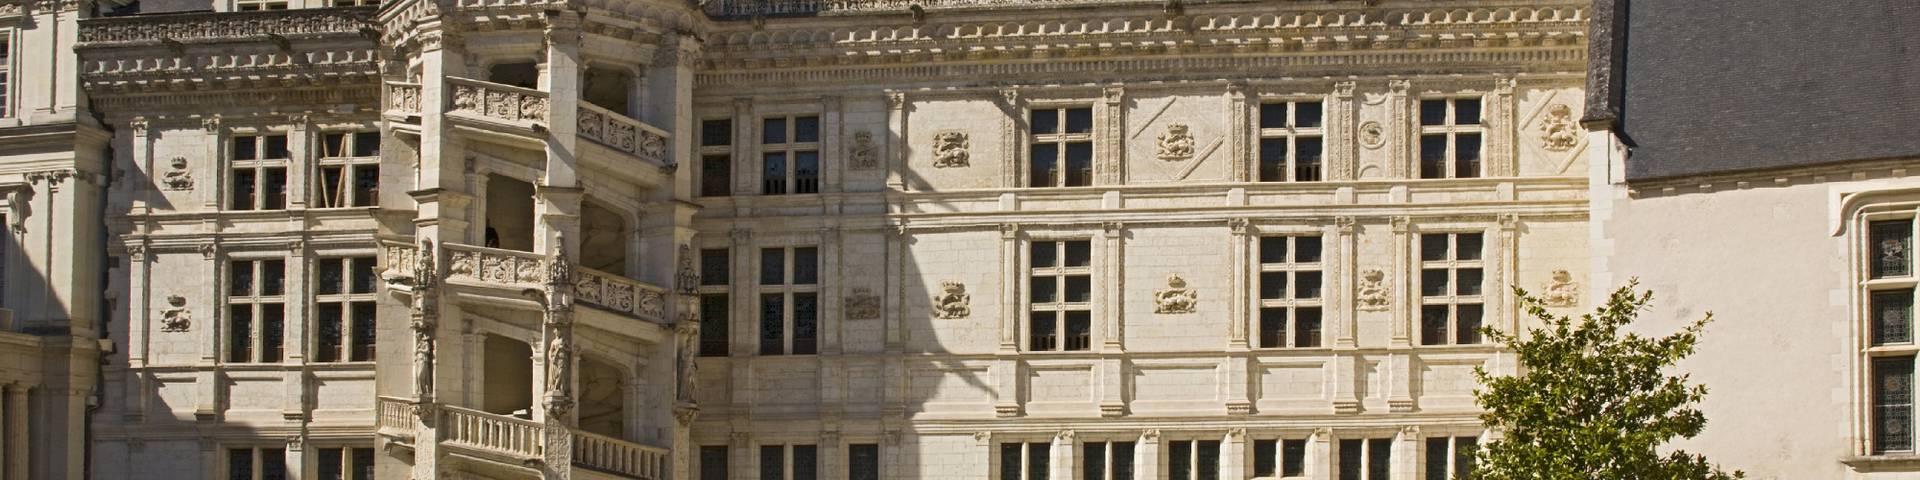 La cour intérieure du château de Blois